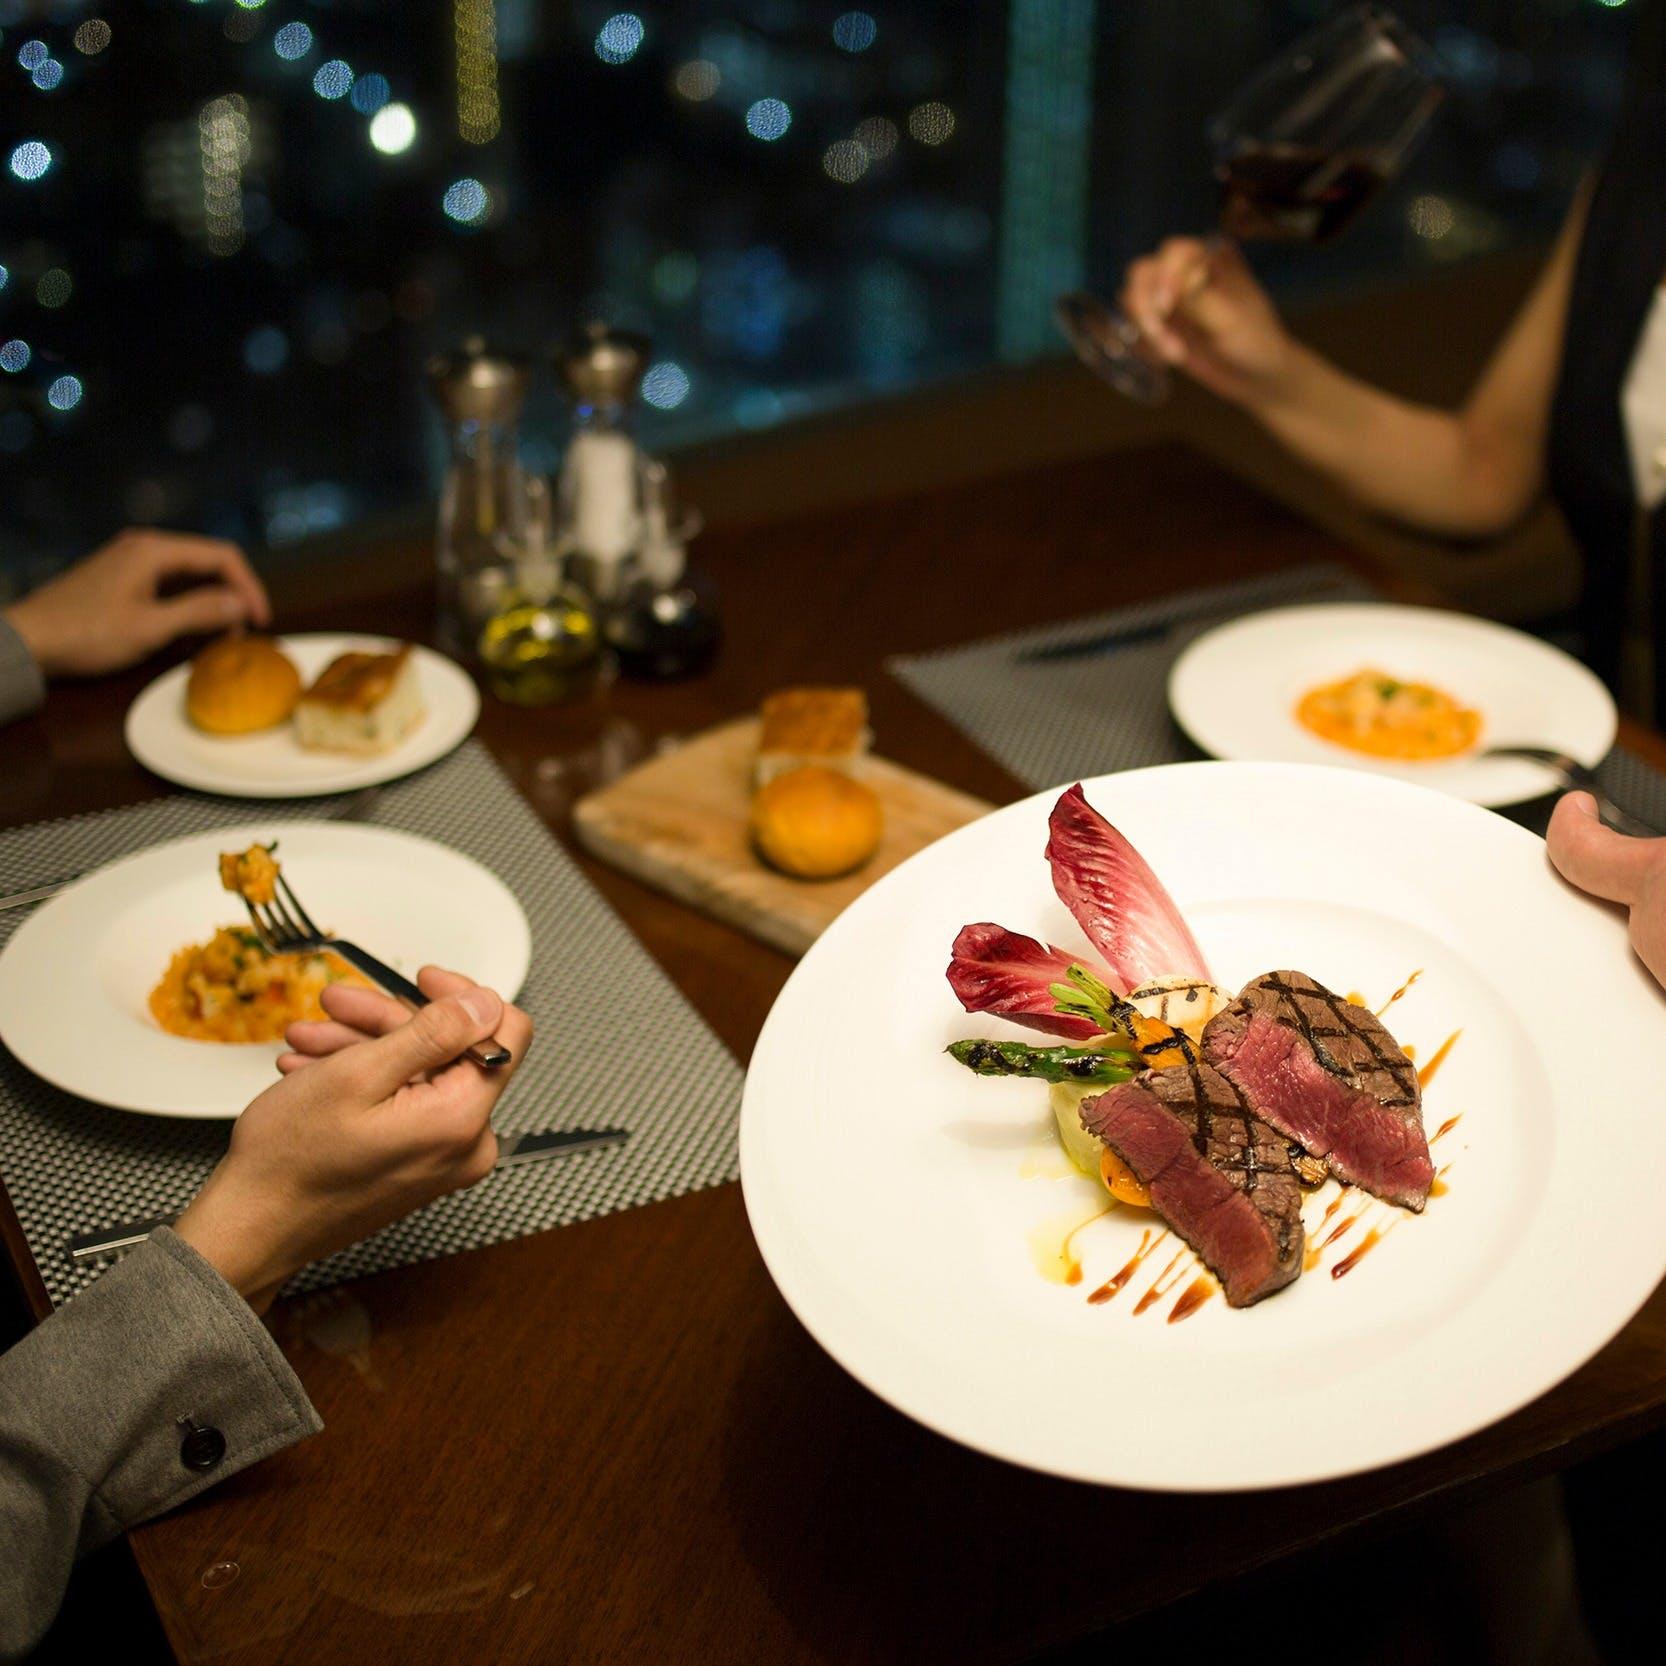 神戸ビーフなどの地元食材にこだわった本格イタリアンコース